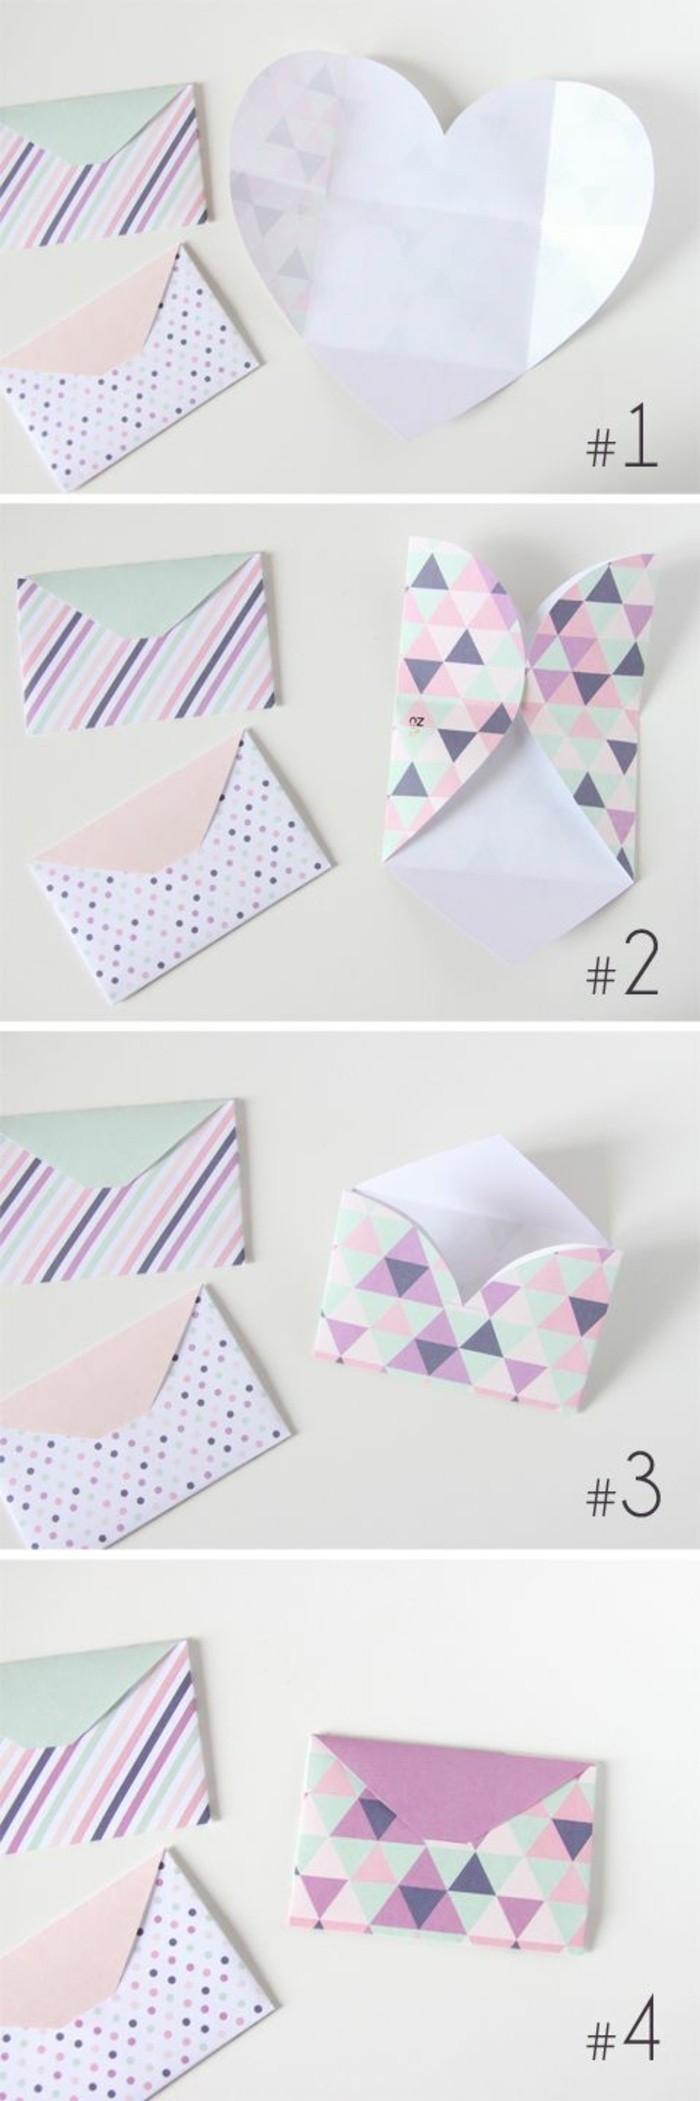 papier-en-forme-de-coeur-pour-fabriquer-une-enveloppe-originale-et-coloree-idee-pliage-enveloppe